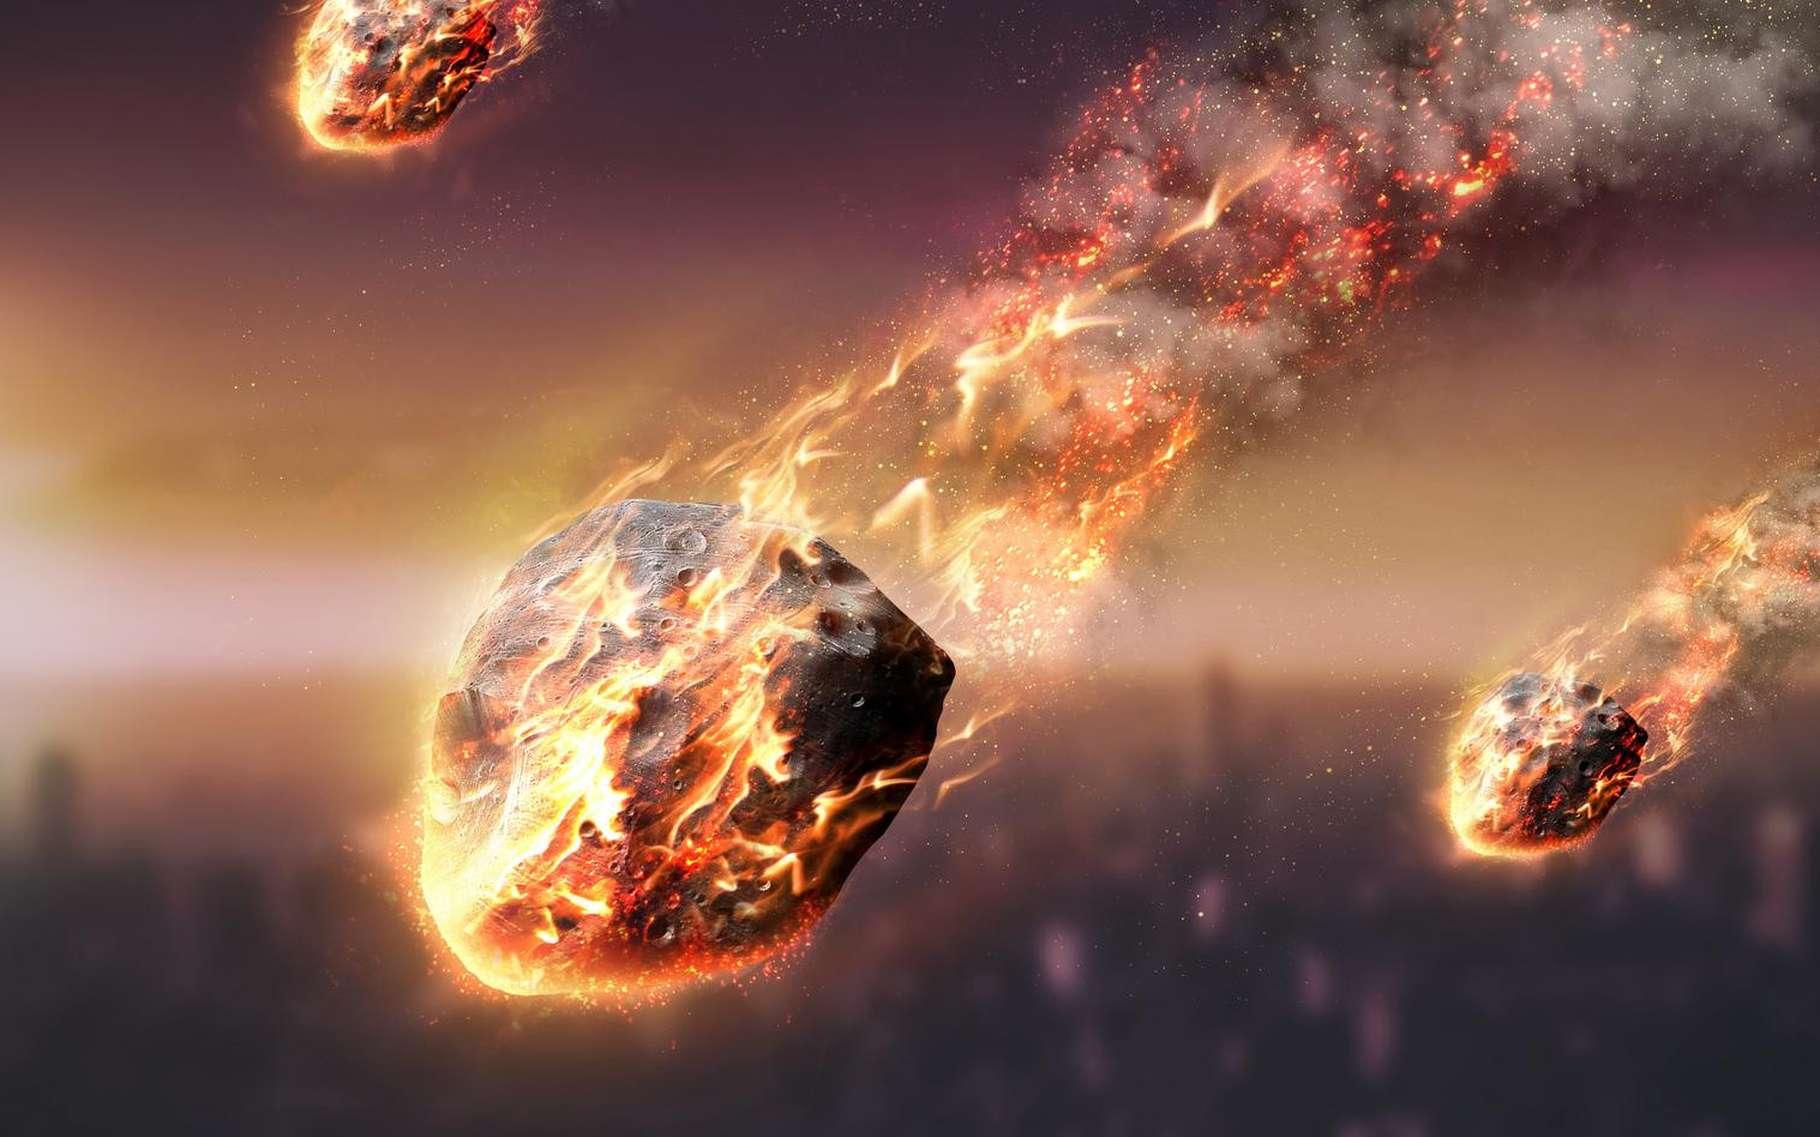 Un homme a été victime d'une explosion, à Natrampalli, en Inde. Il semble qu'une météorite soit responsable de sa mort, selon l'enquête. Dans ce cas, ce serait le premier cas connu dans l'Histoire. © Vadim Sadovski, Shutterstock